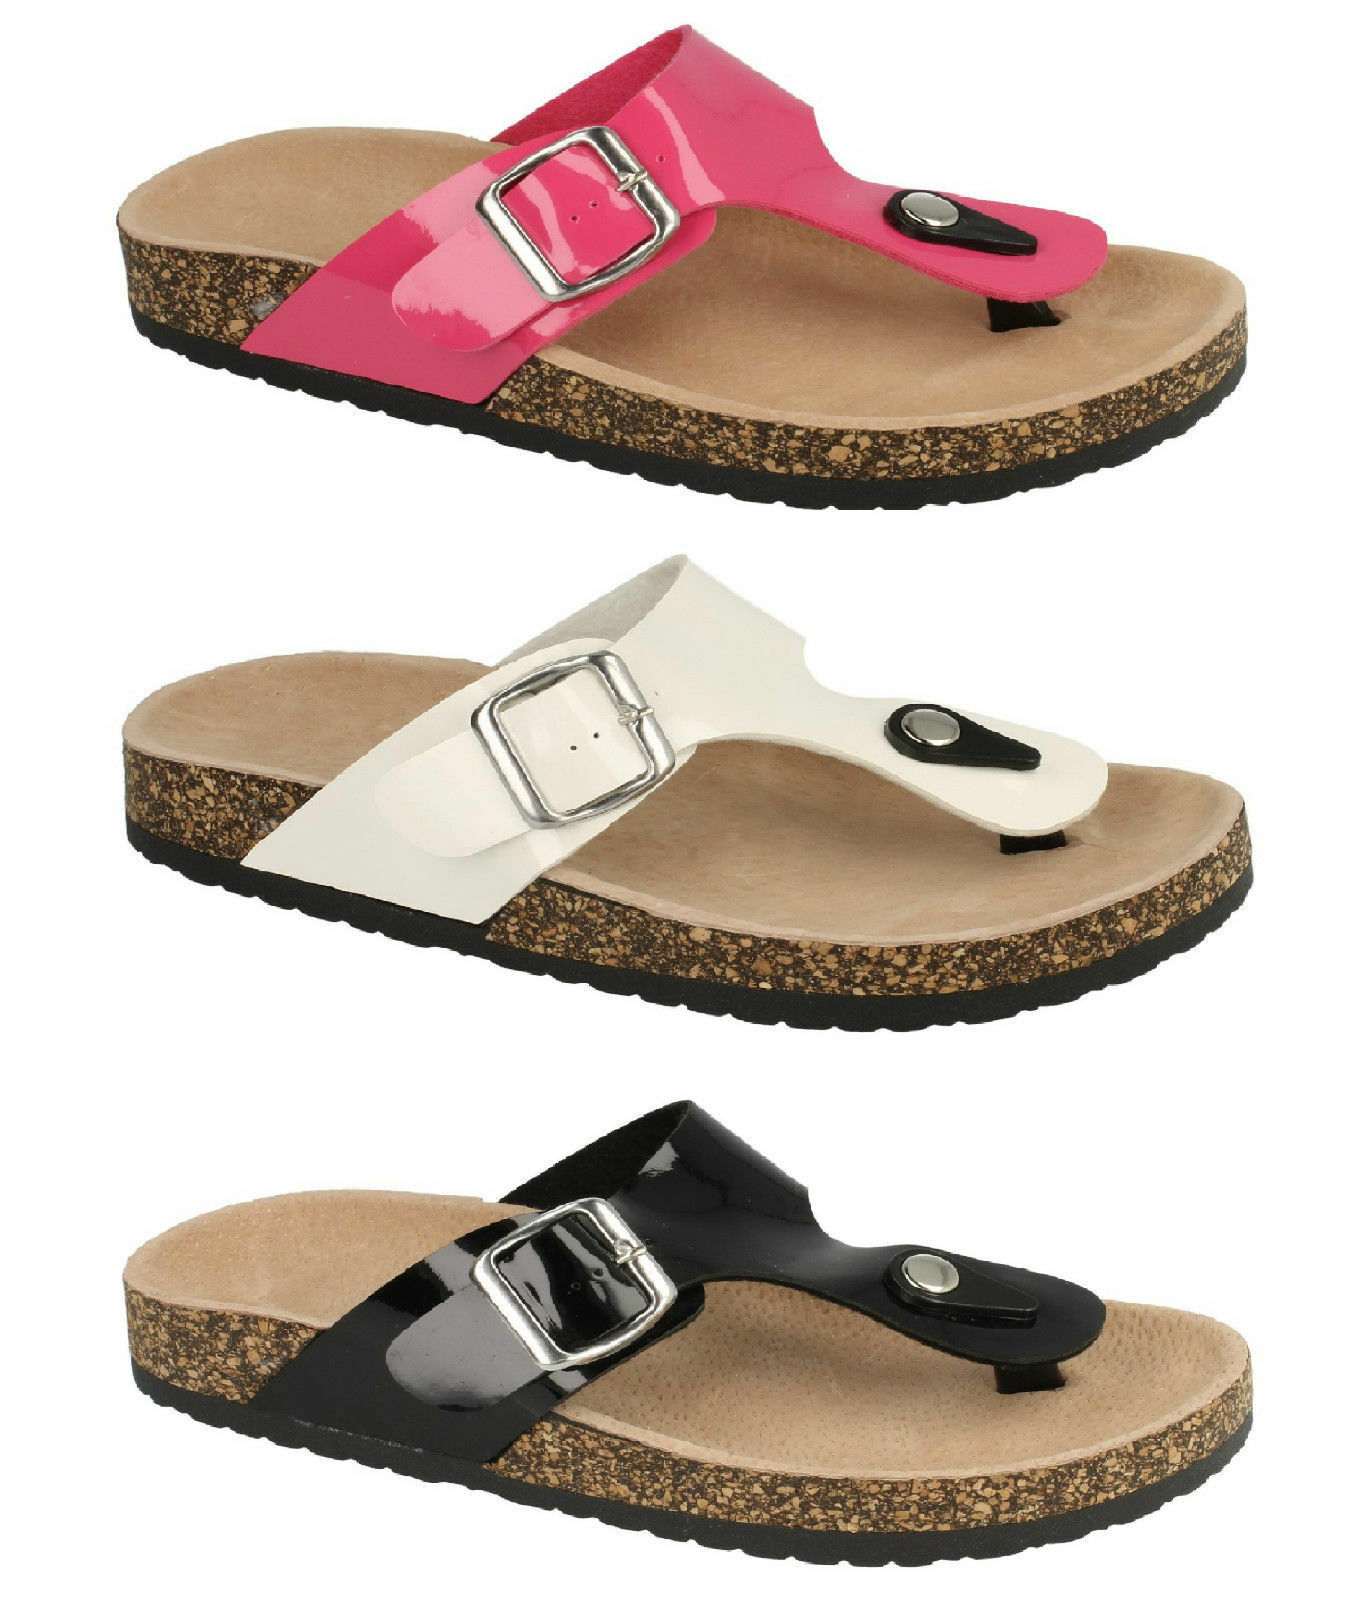 Mujer Charol Talón Look Ajustable Tira Al Dedo Zapatos sin Talón Charol 'F10295' Blanco o f8d38c